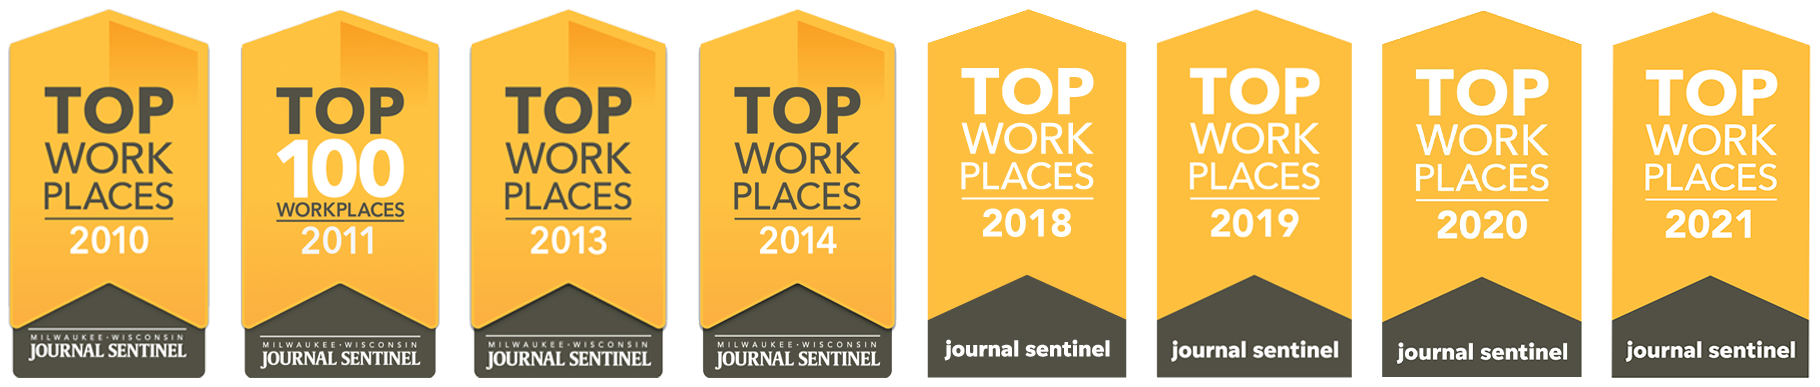 top work place awards